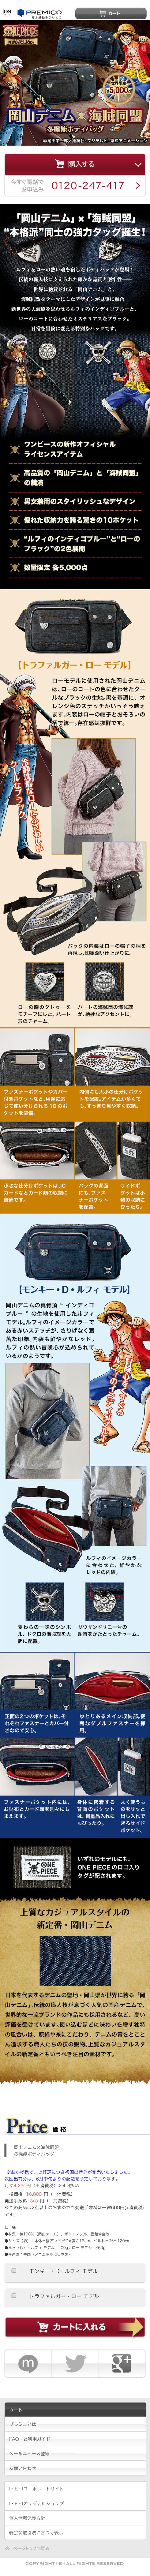 岡山デニム×海賊同盟 多機能ボディバッグ|WEBデザイナーさん必見!スマホランディングページのデザイン参考に(マンガ使用系)